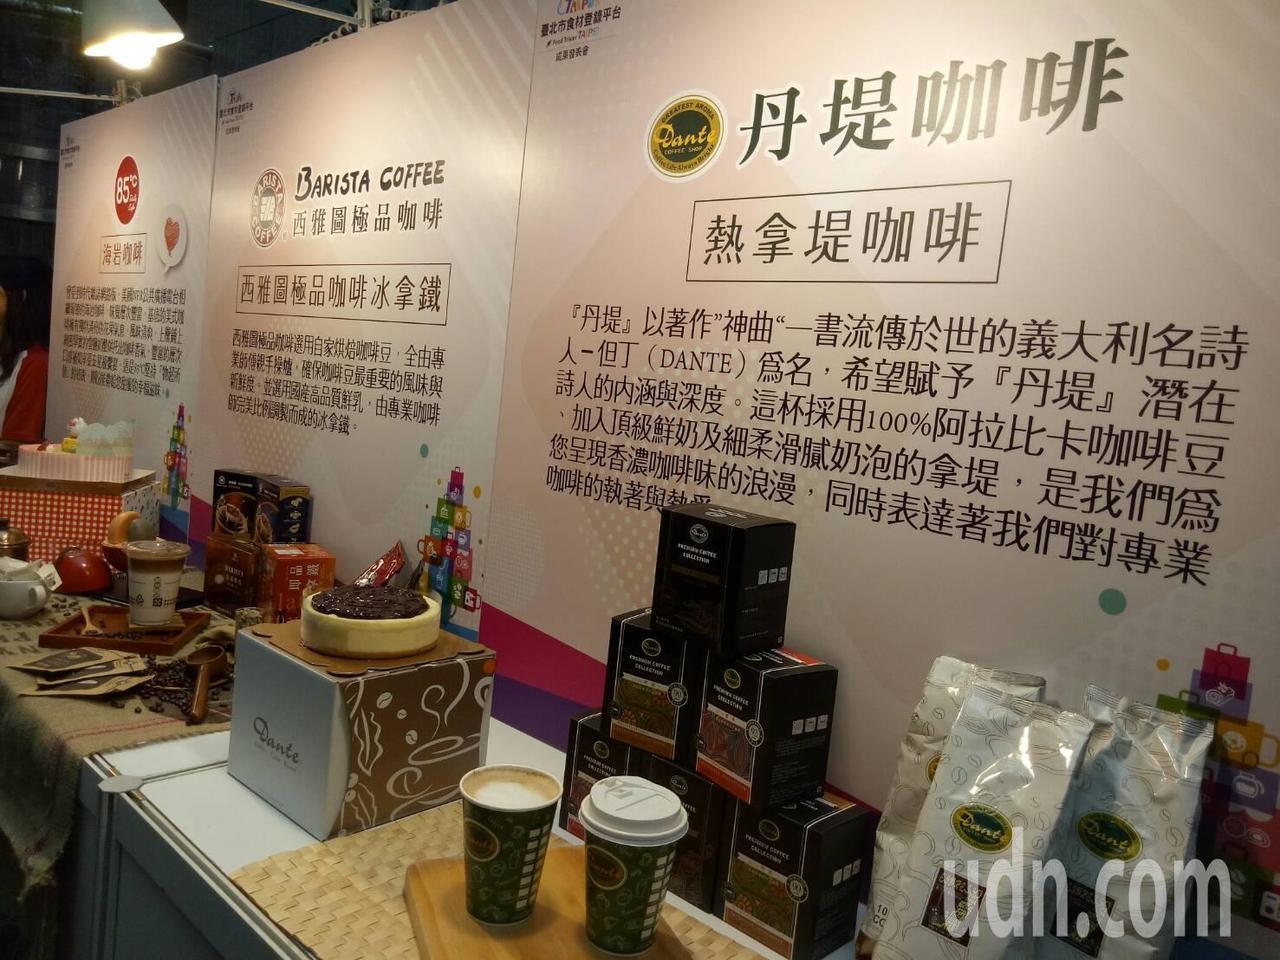 台北市食材登錄平台新成立「連鎖咖啡廳專區」共有16家品牌556家連鎖咖啡廳已上線...